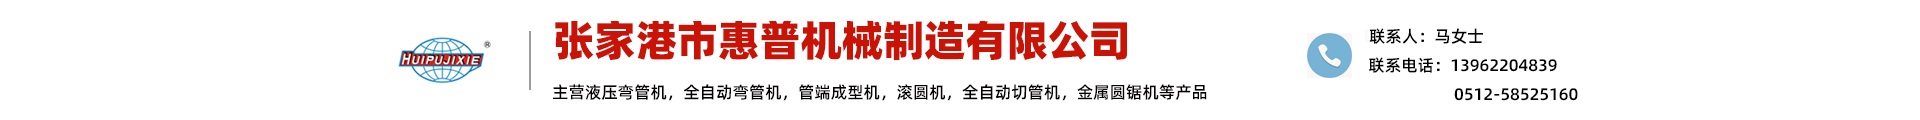 张家港市惠普机械制造有限公司